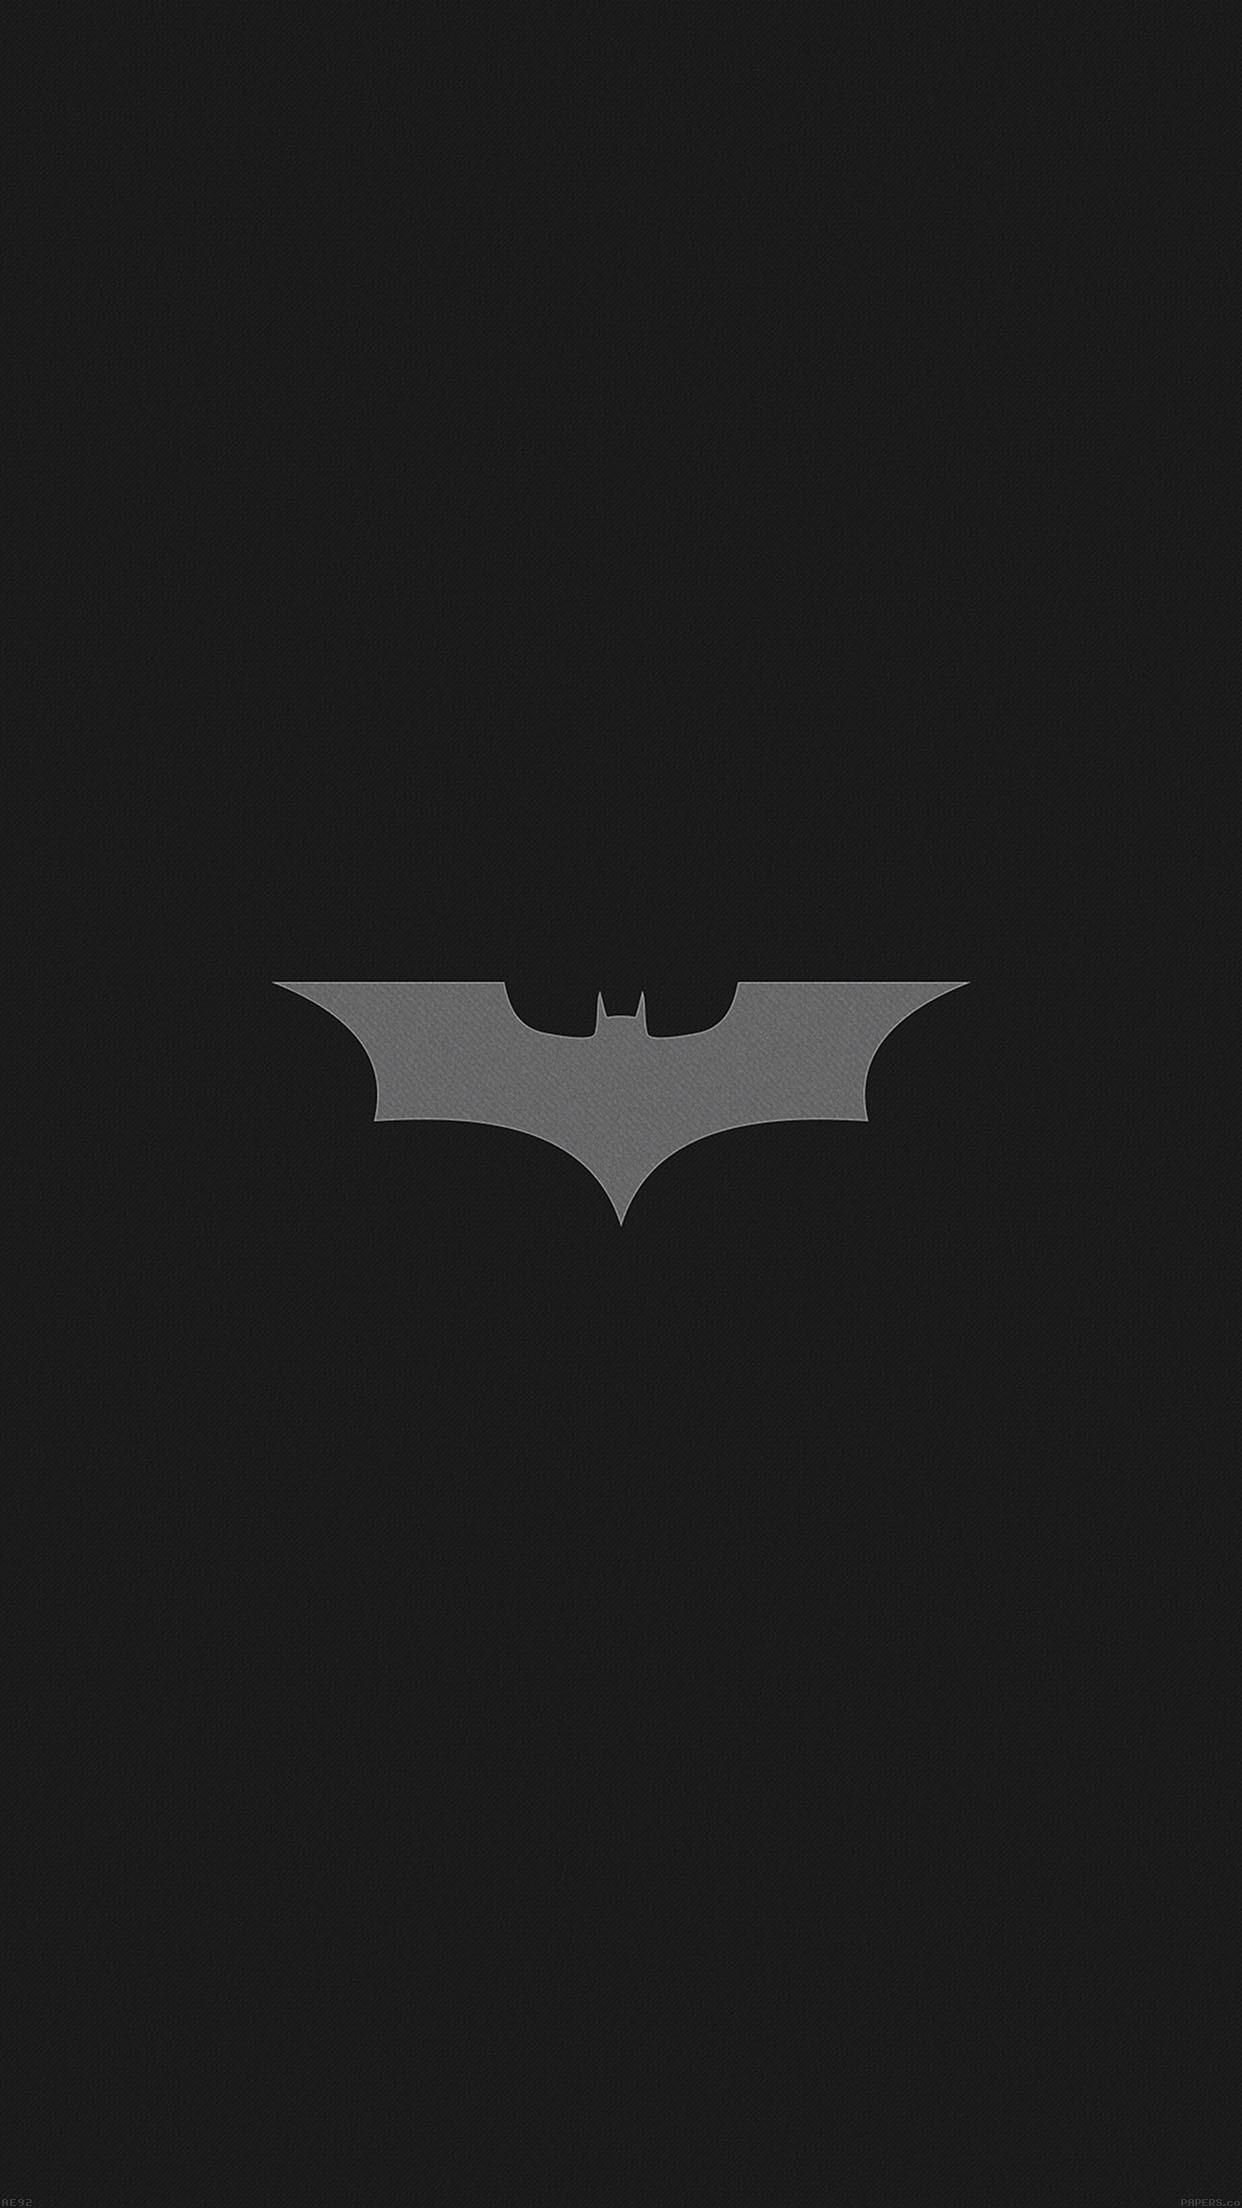 Batmobile and Batman Wallpaper   Wallpapers HD   Pinterest   Batman  wallpaper, Batmobile and Batman